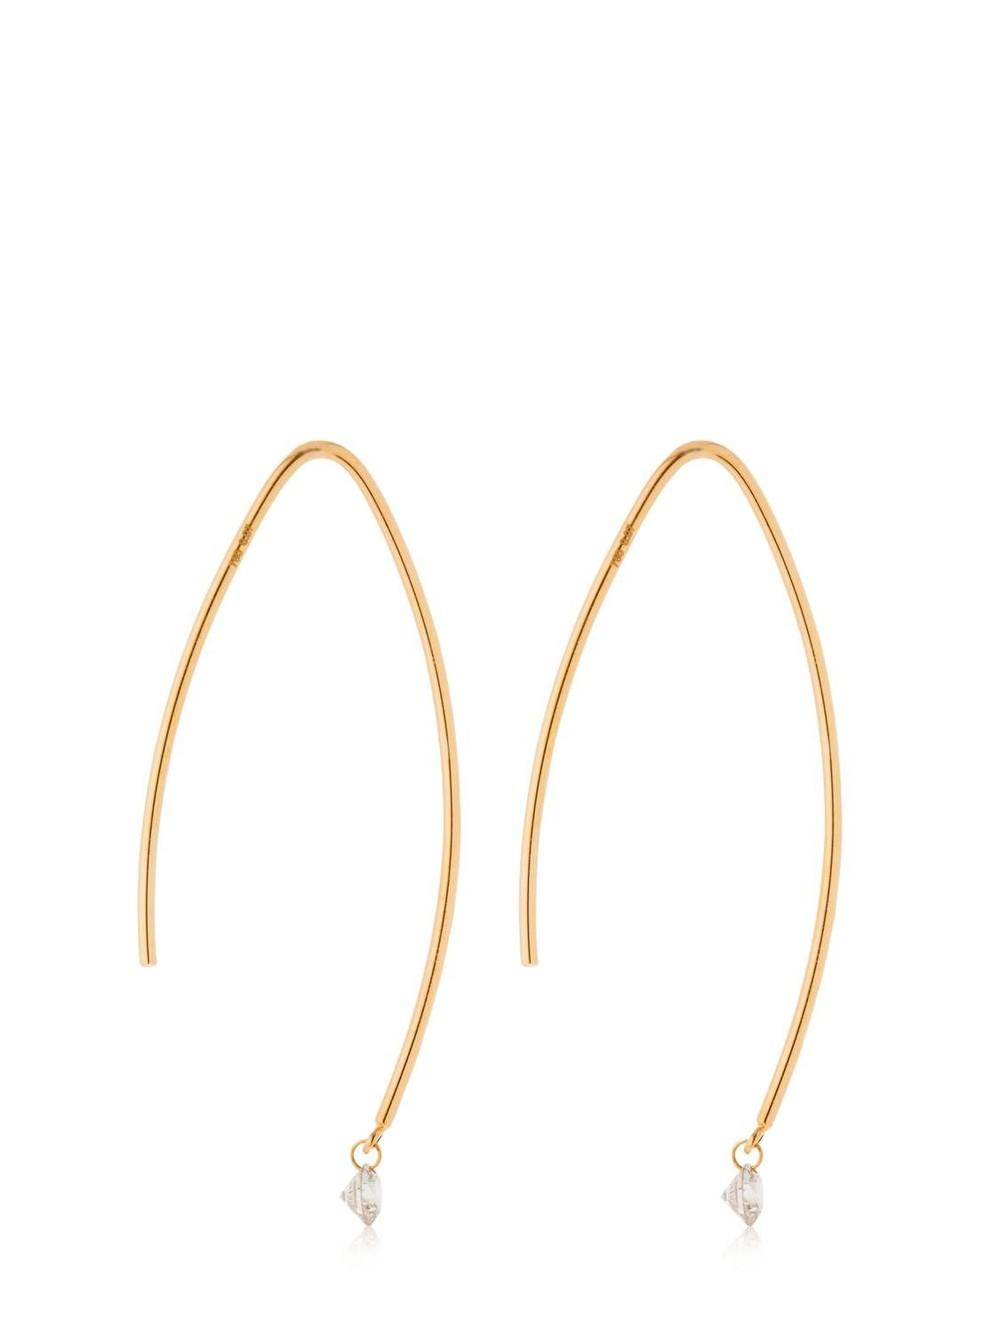 PERSÉE 0.14ctw Diamonds Long Drop Earrings in gold